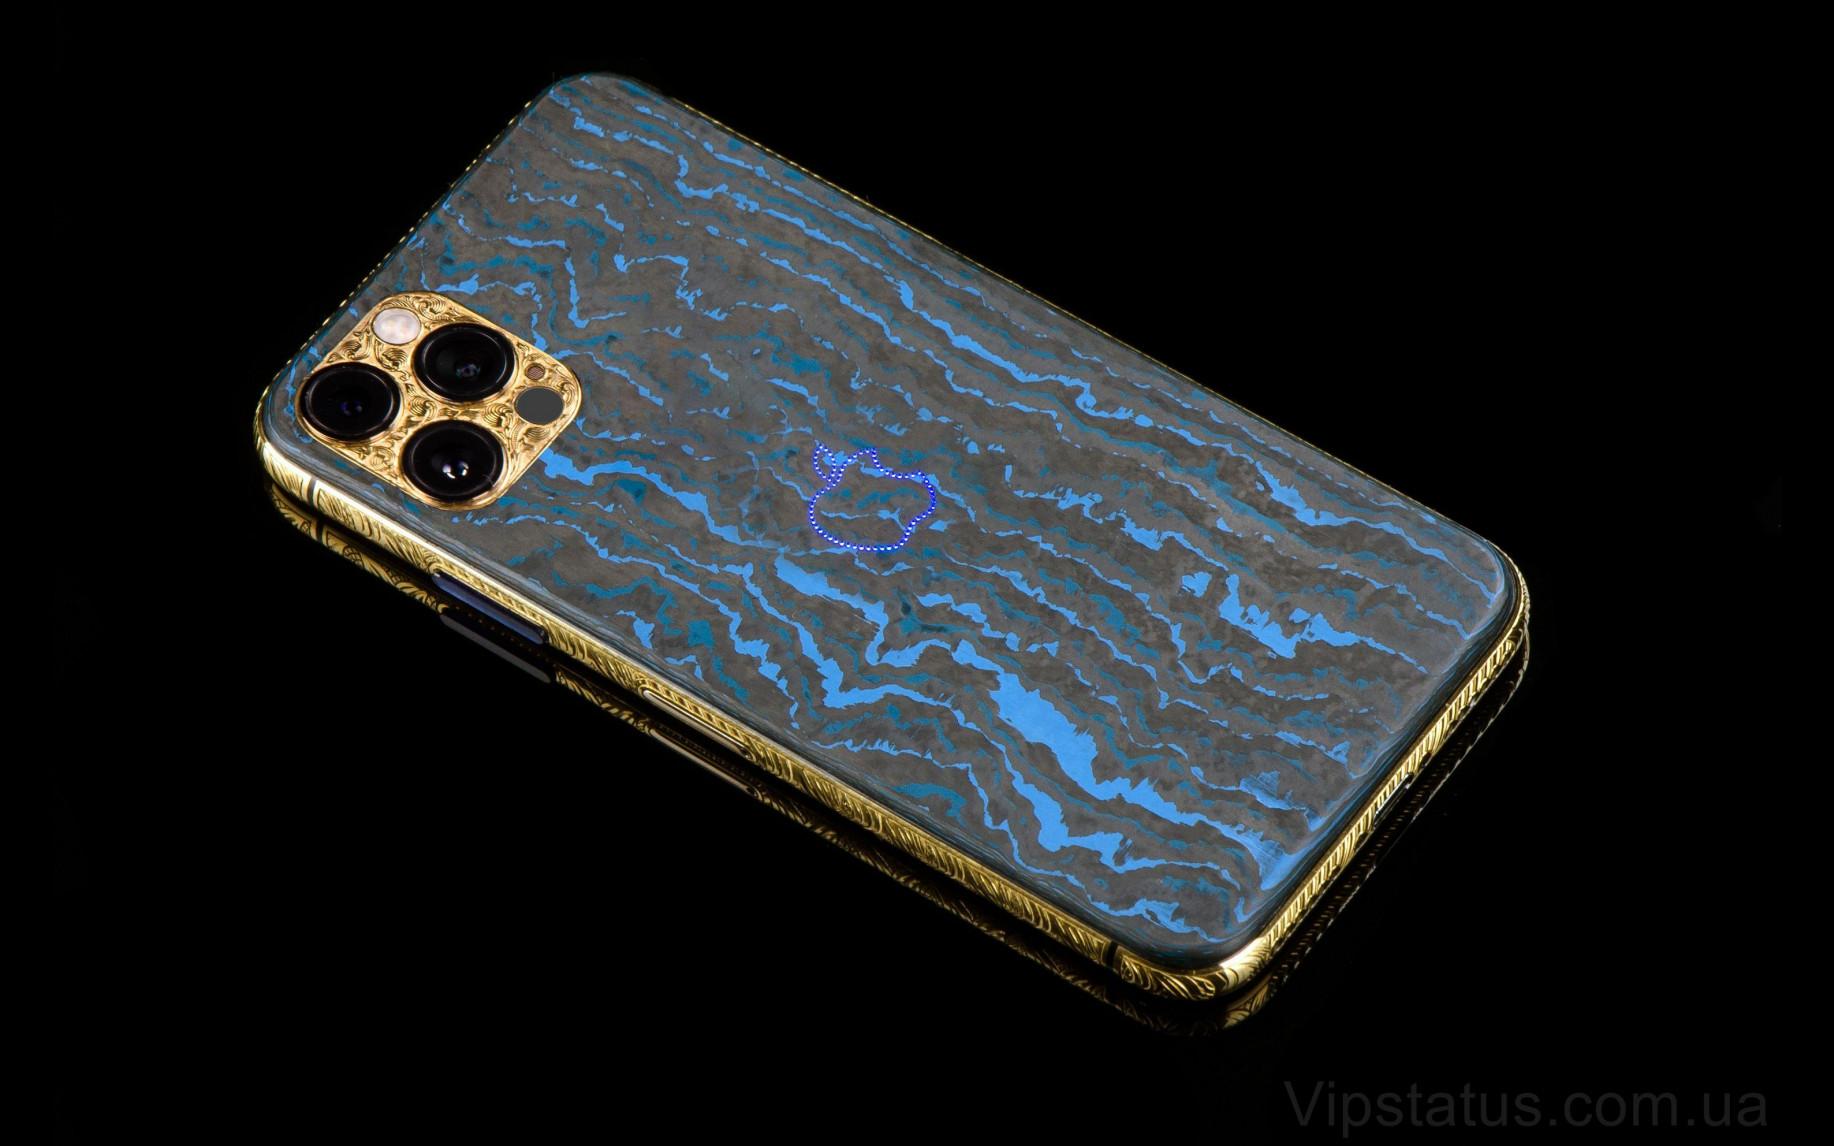 Elite Blue Dream IPHONE 12 PRO MAX 512 GB Blue Dream IPHONE 12 PRO MAX 512 GB image 3